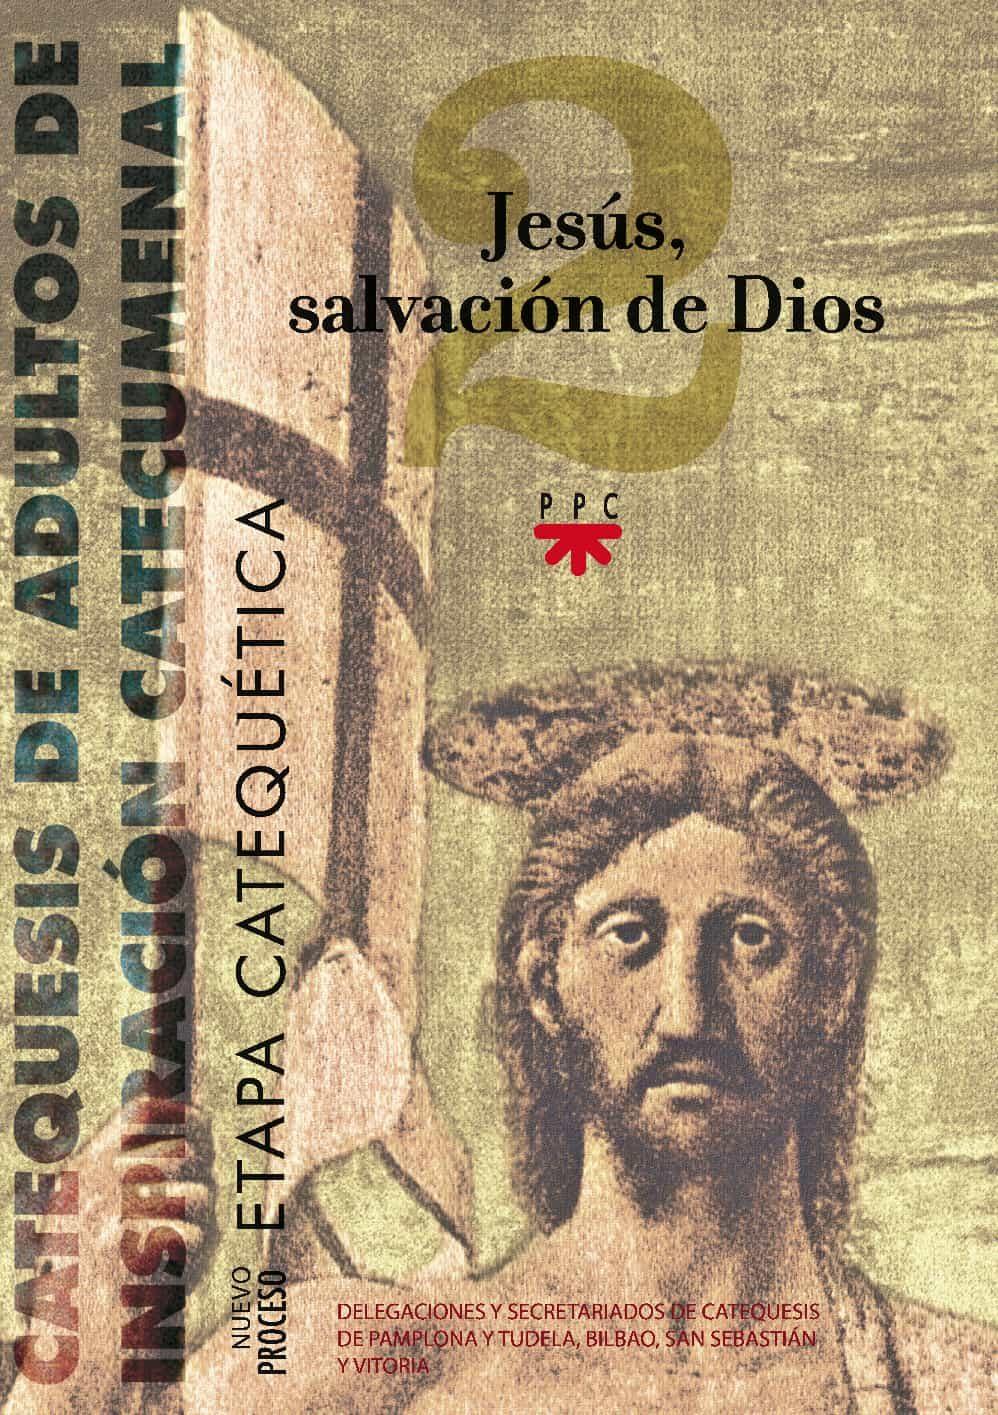 Jesus Salvacion De Dios por Vv.aa.